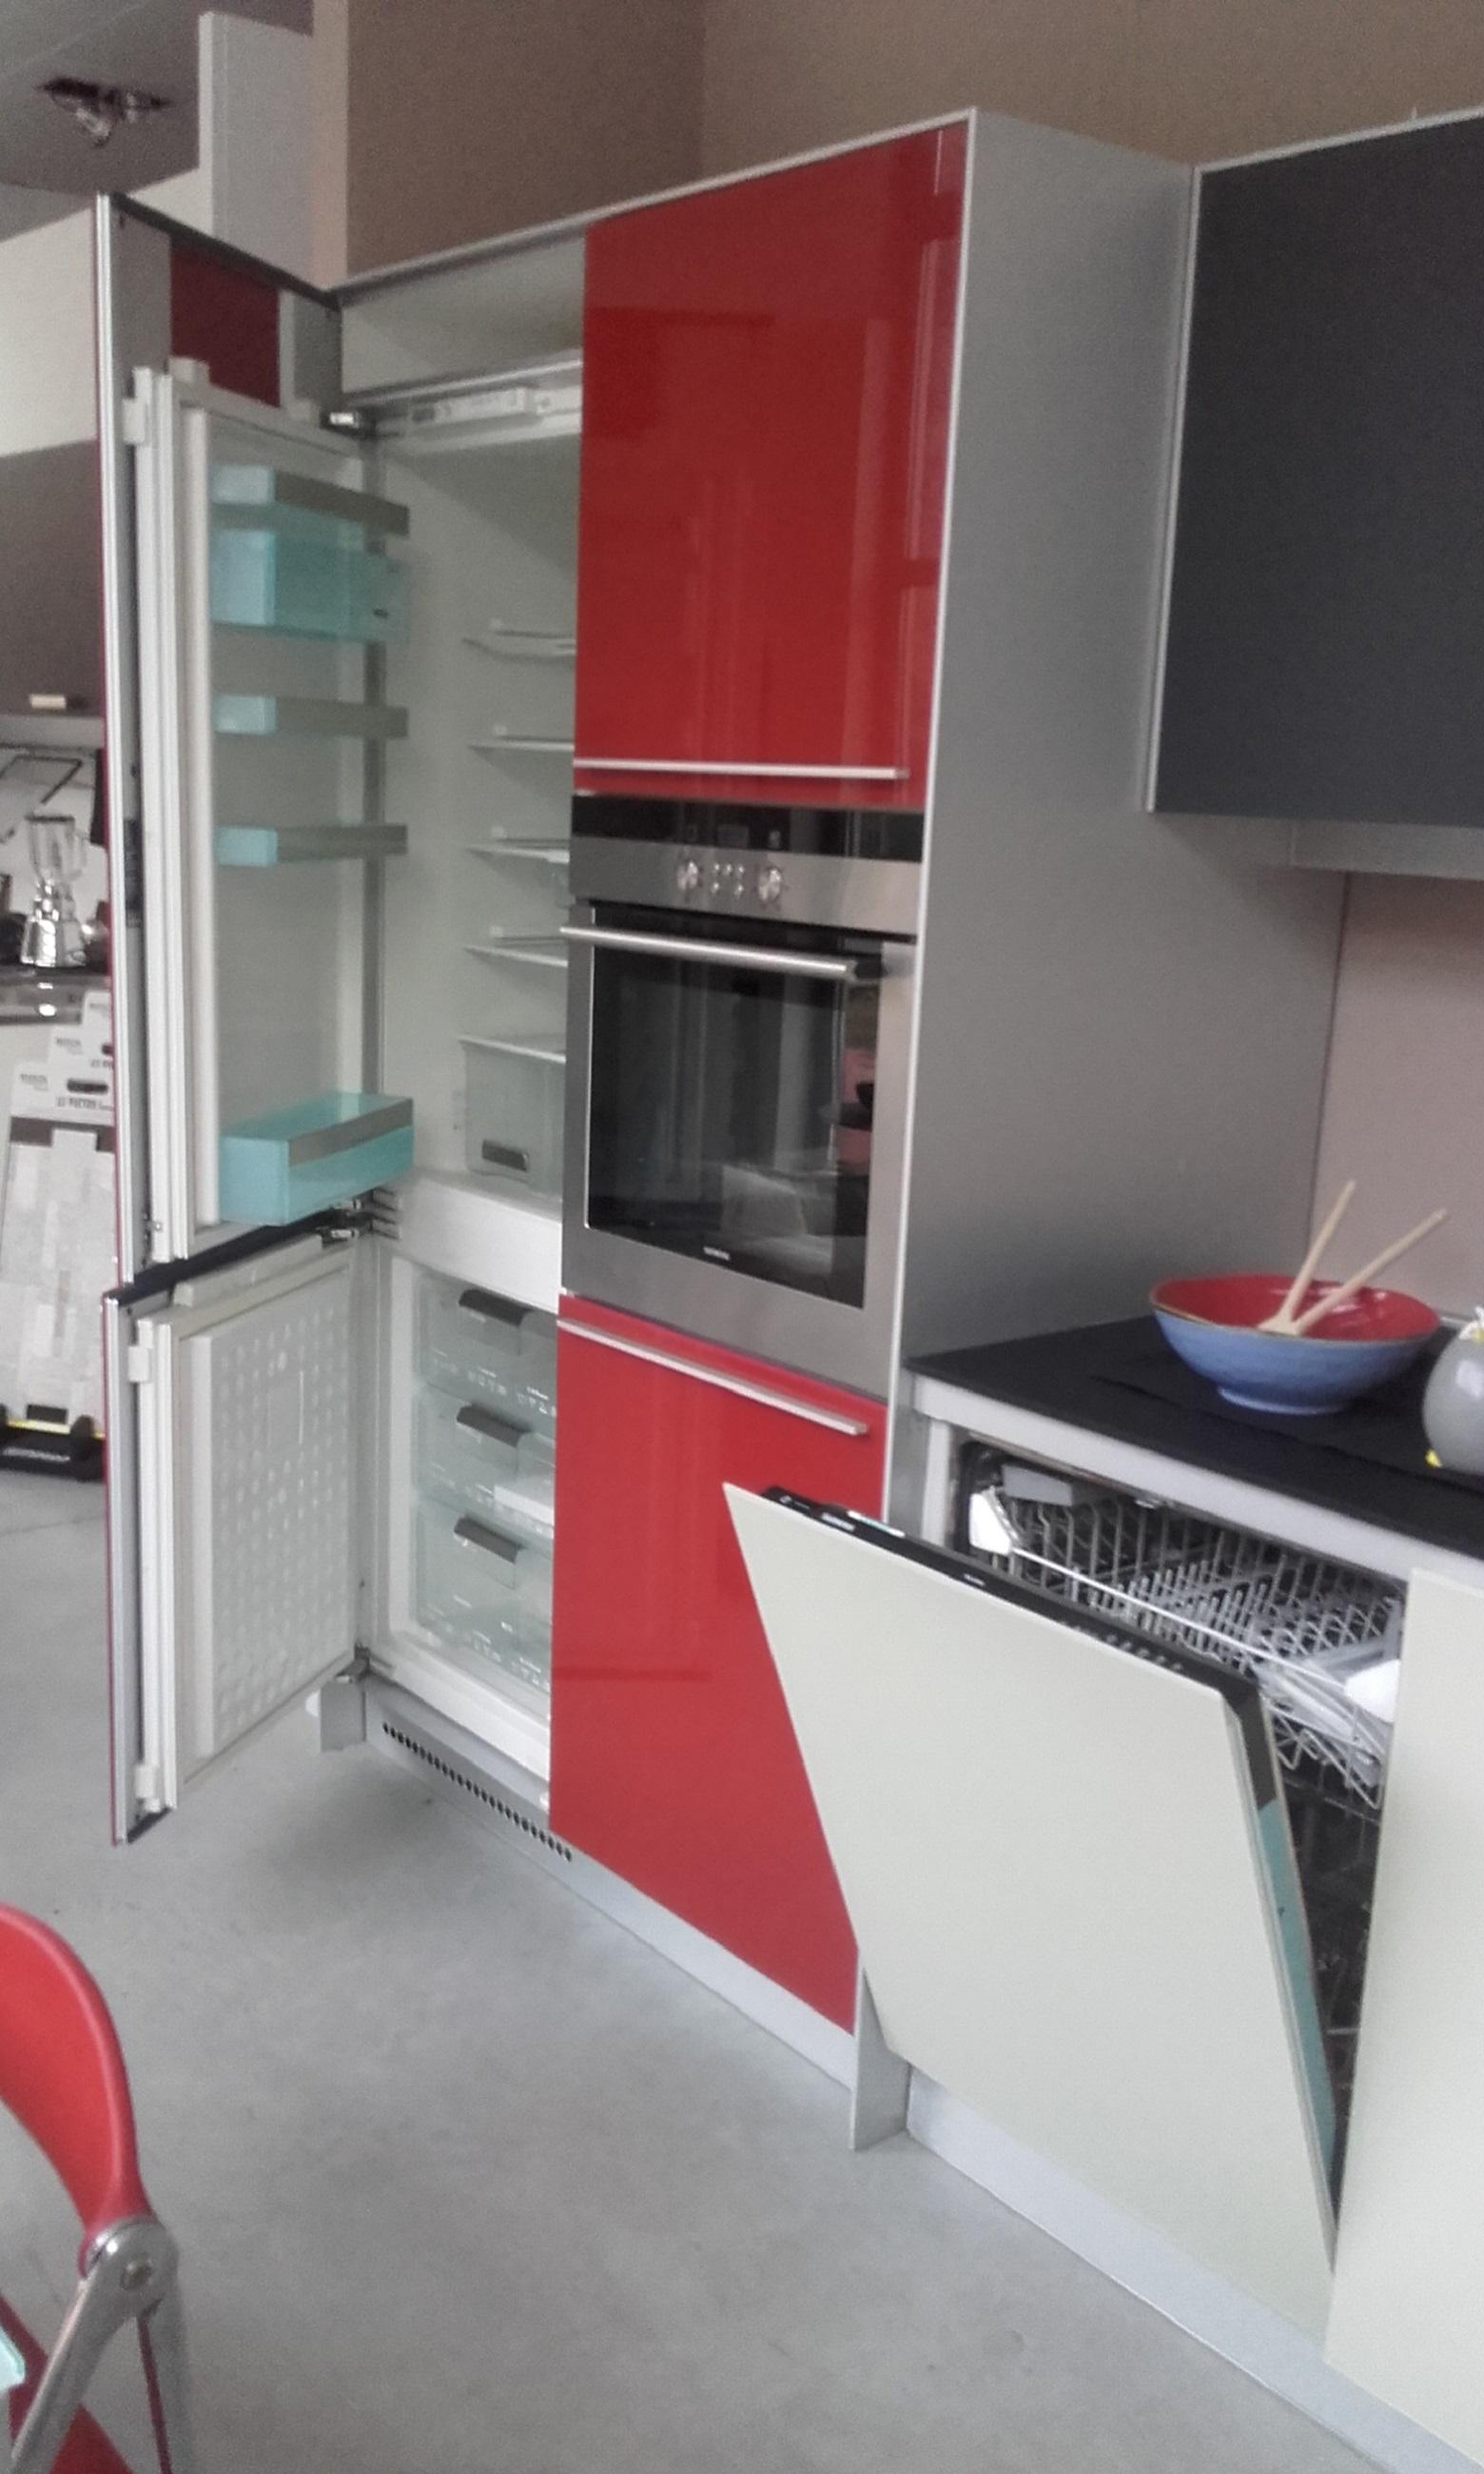 Best cucine valcucine opinioni gallery acrylicgiftware - Cucine valcucine opinioni ...